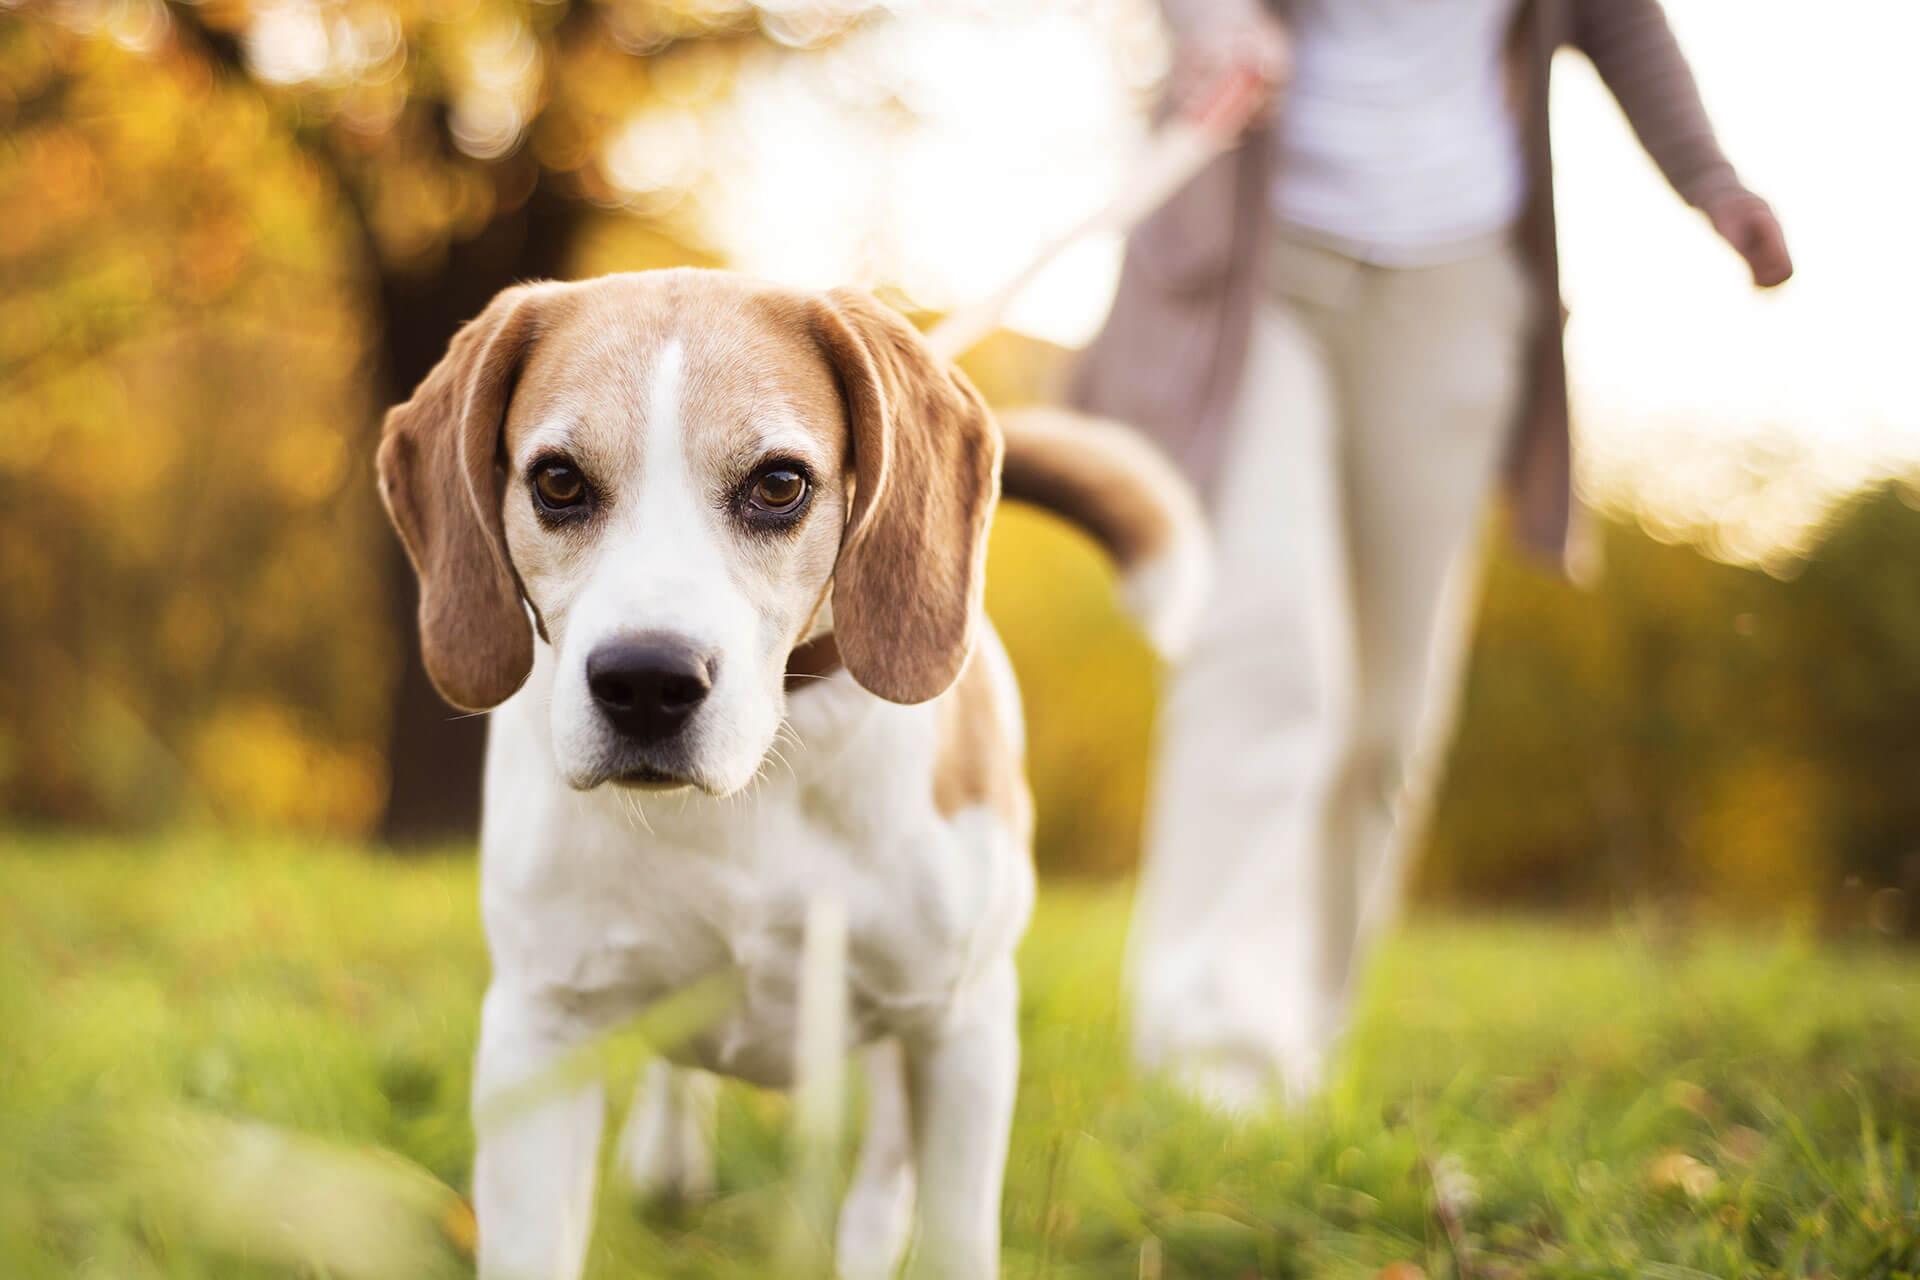 Vorbereitungen, wenn du deinen Hund alleine lassen kannst